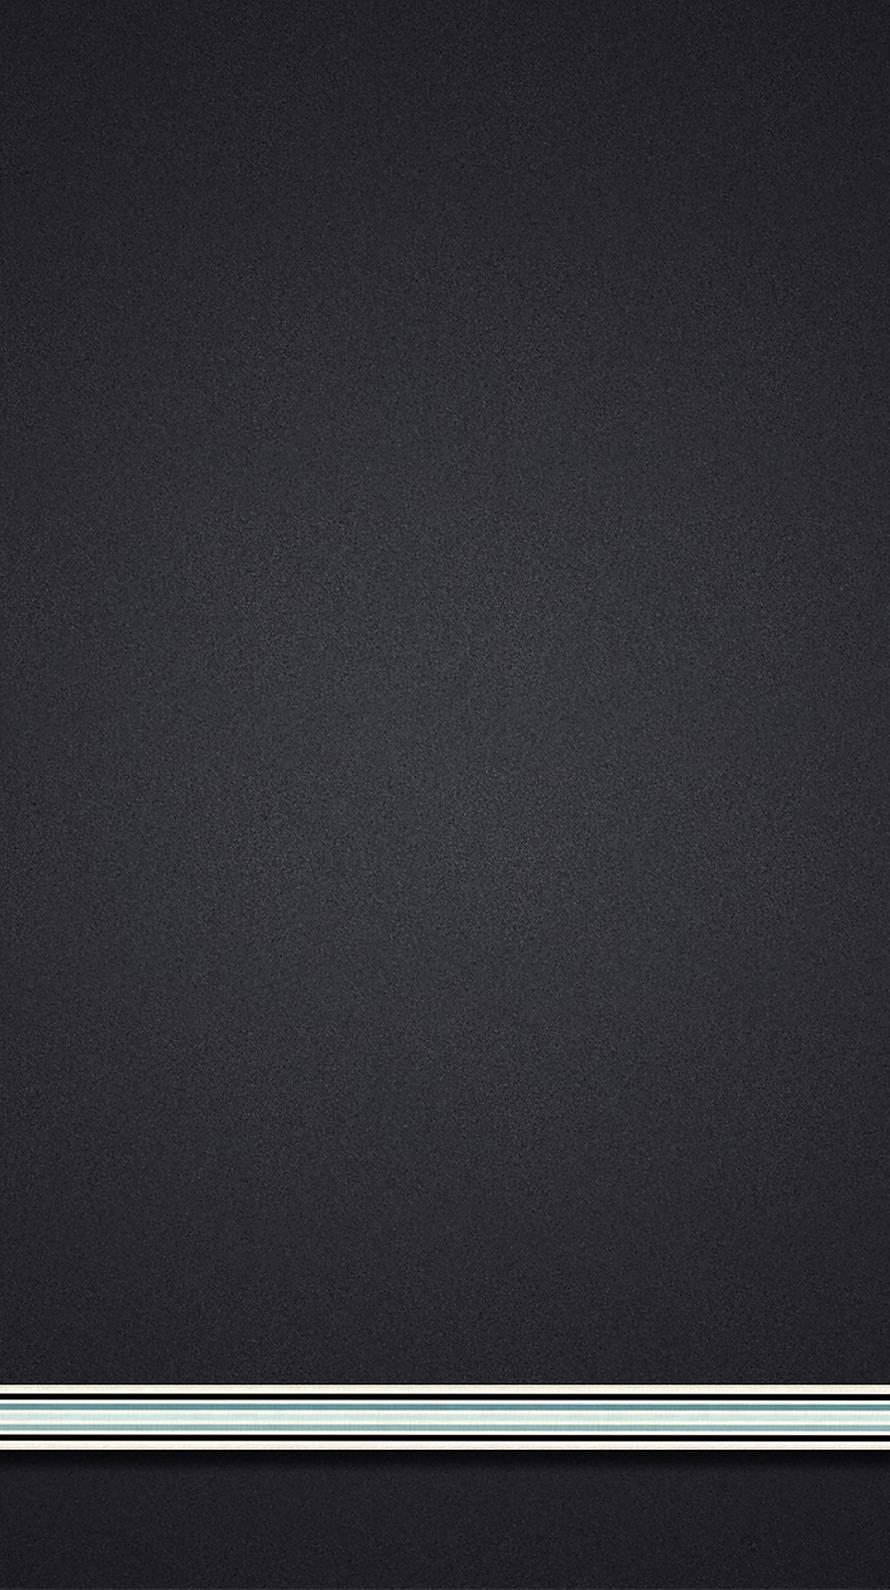 黒地に白のボーダー Iphone6壁紙 Wallpaperbox